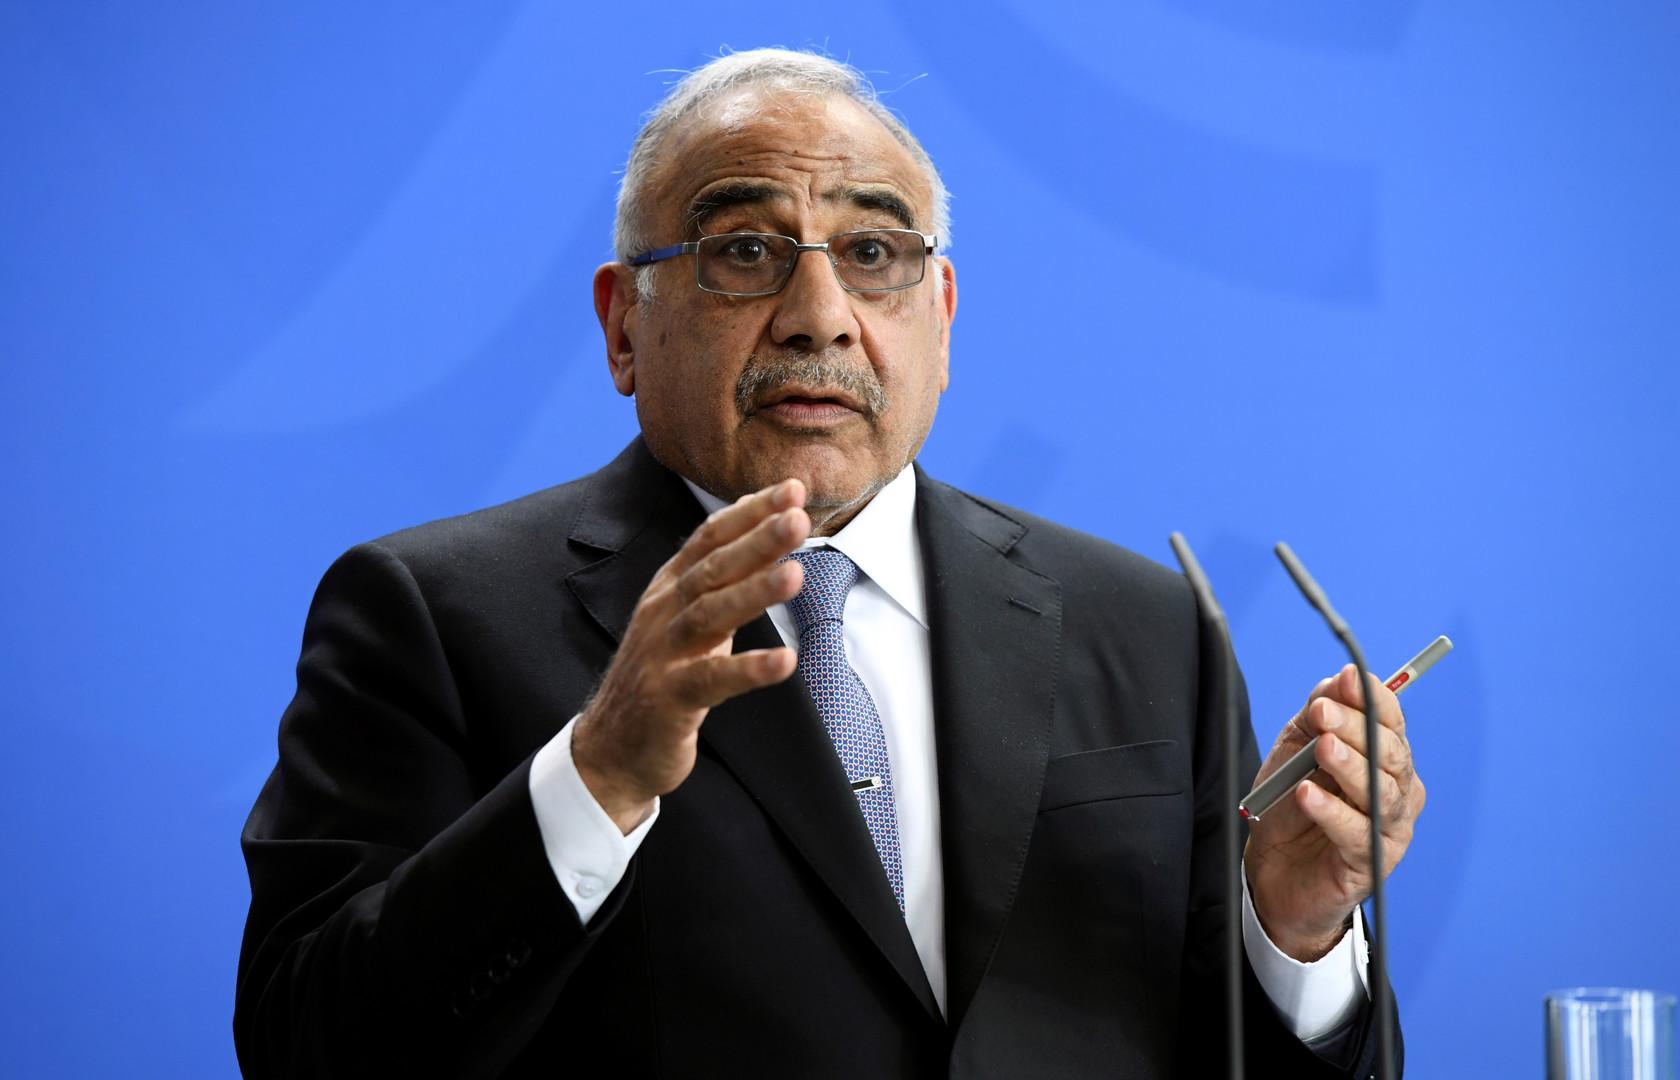 باحث عراقي لـRT: عبد المهدي فشل داخليا وخارجيا وبقاؤه في منصبه مهدد -